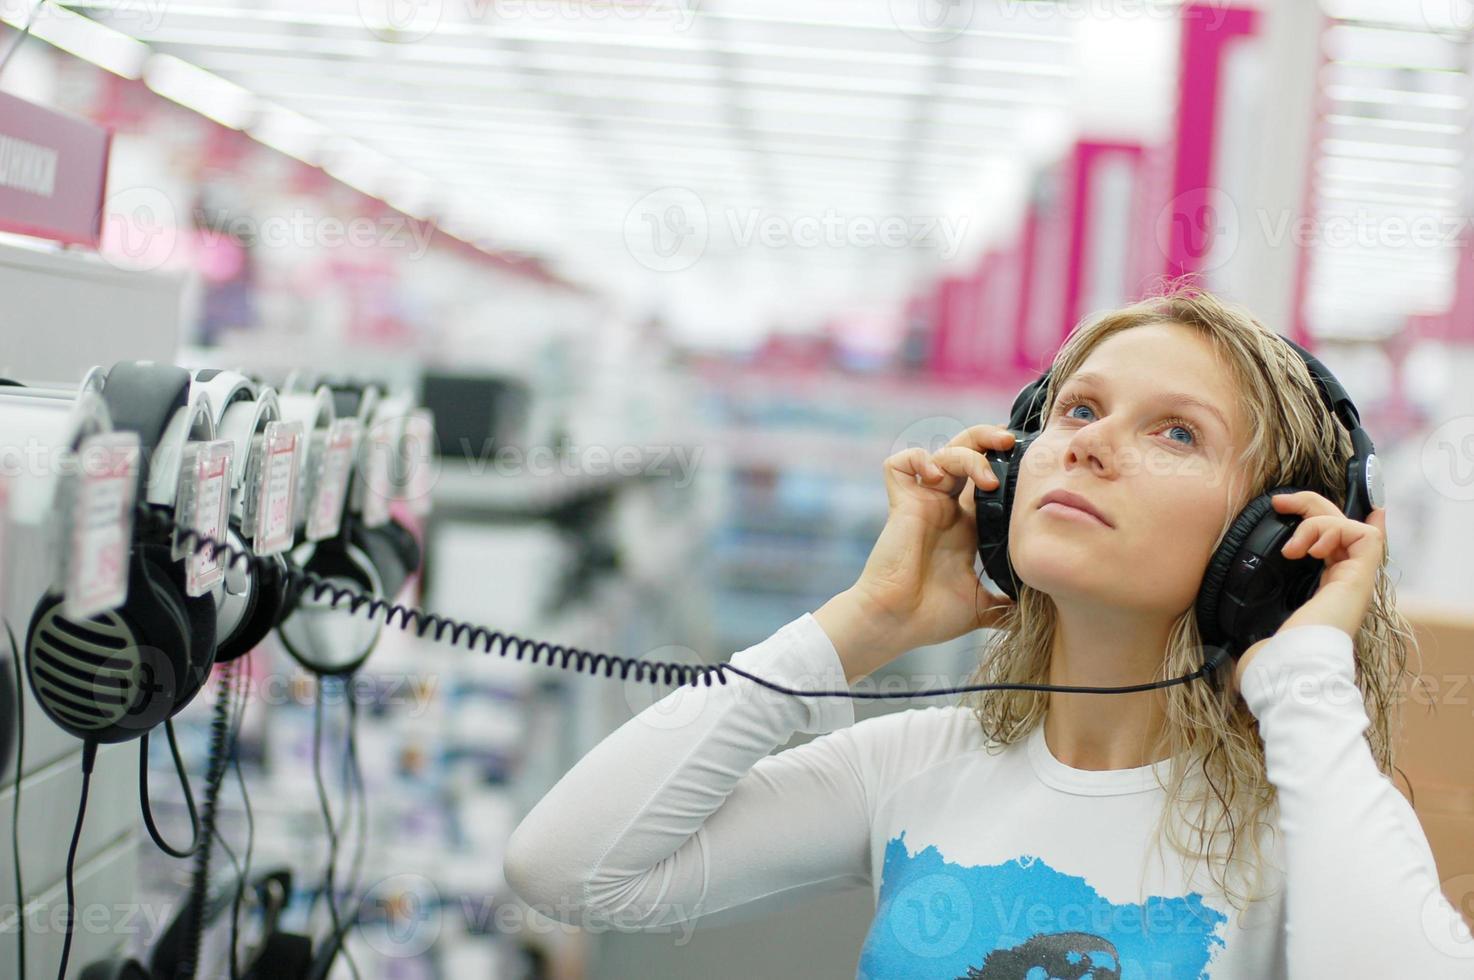 jong meisje luistert naar leuke muziek in een winkel foto